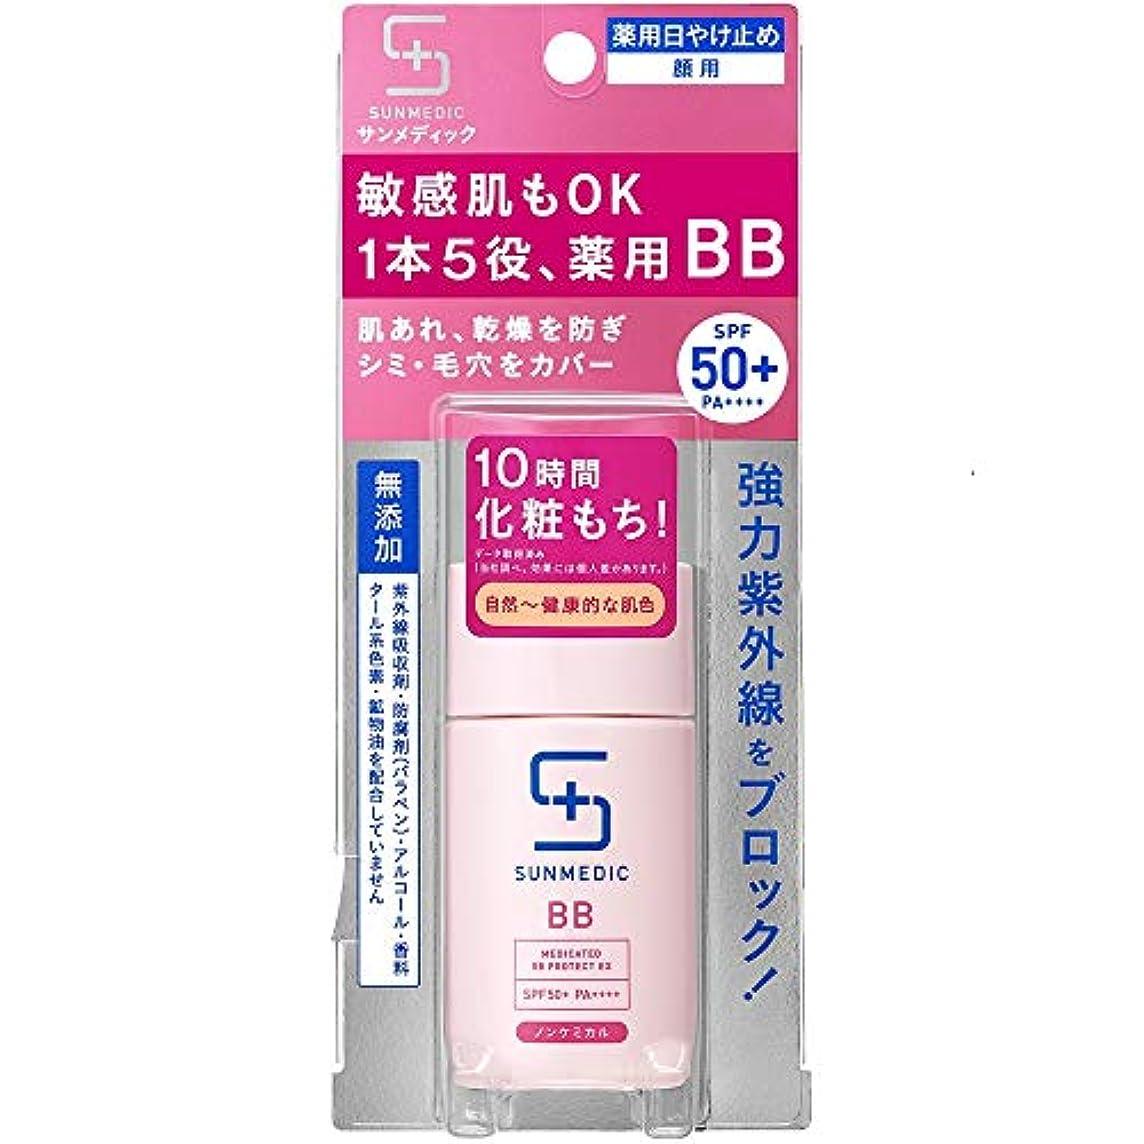 使い込む好奇心盛コットンサンメディックUV 薬用BBプロテクトEX ナチュラル 30ml (医薬部外品)